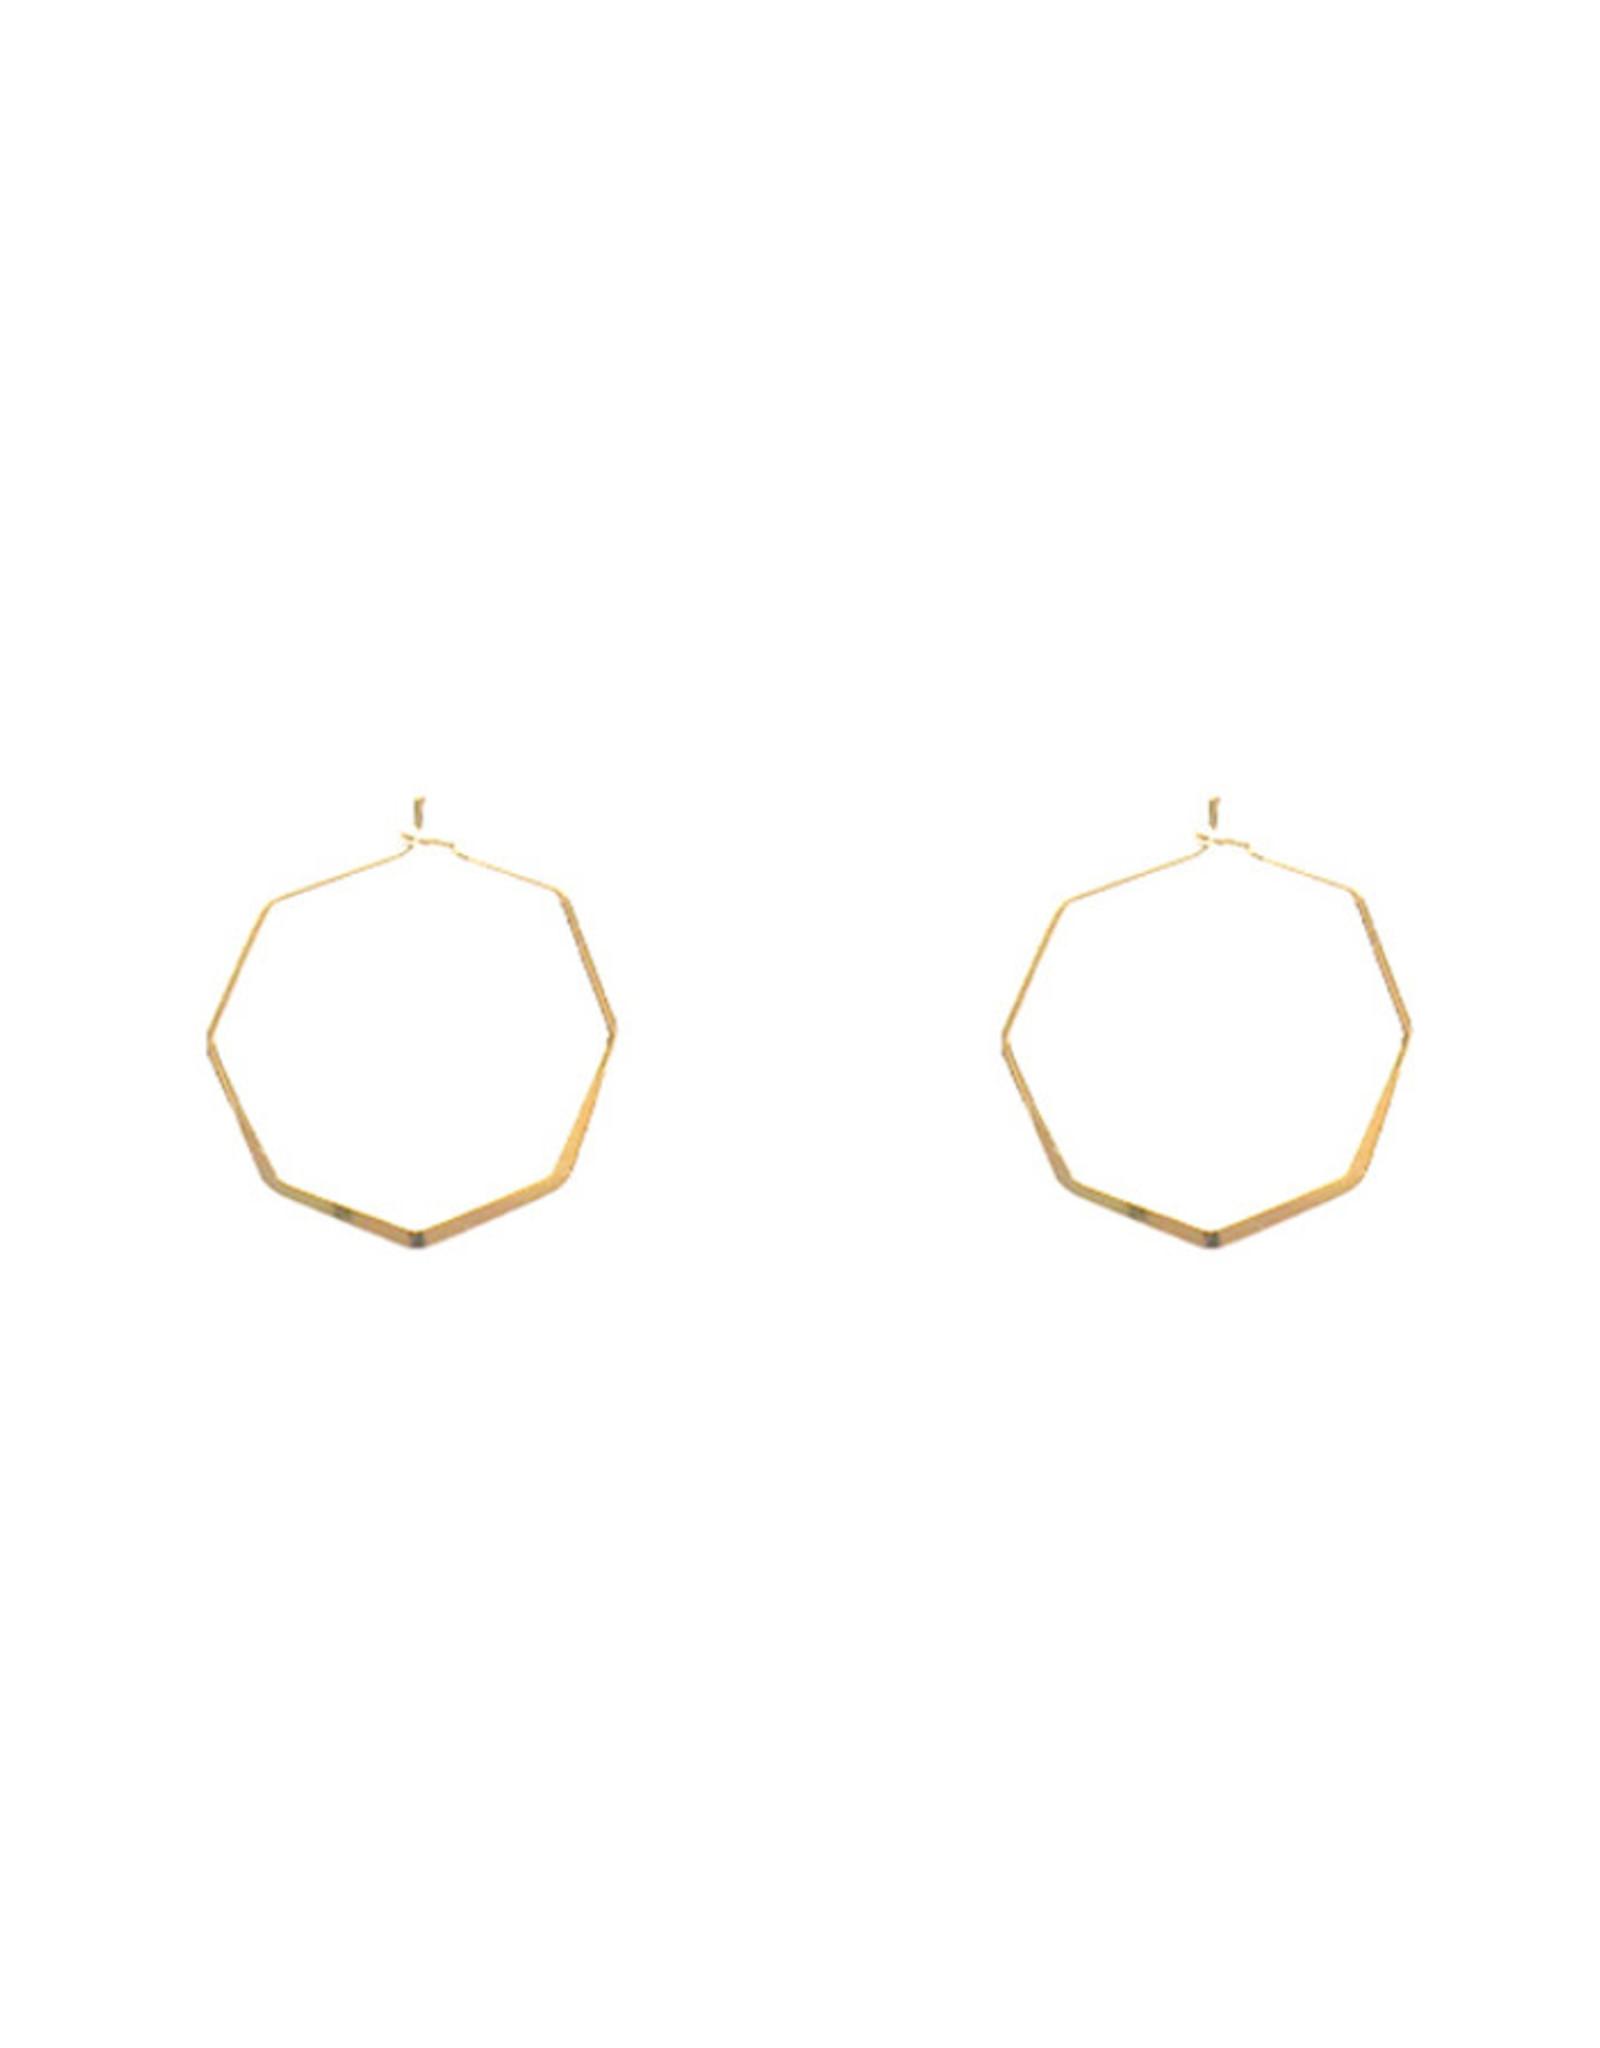 Lost & Faune Boucles d'oreilles - Anneaux hexagones - Or